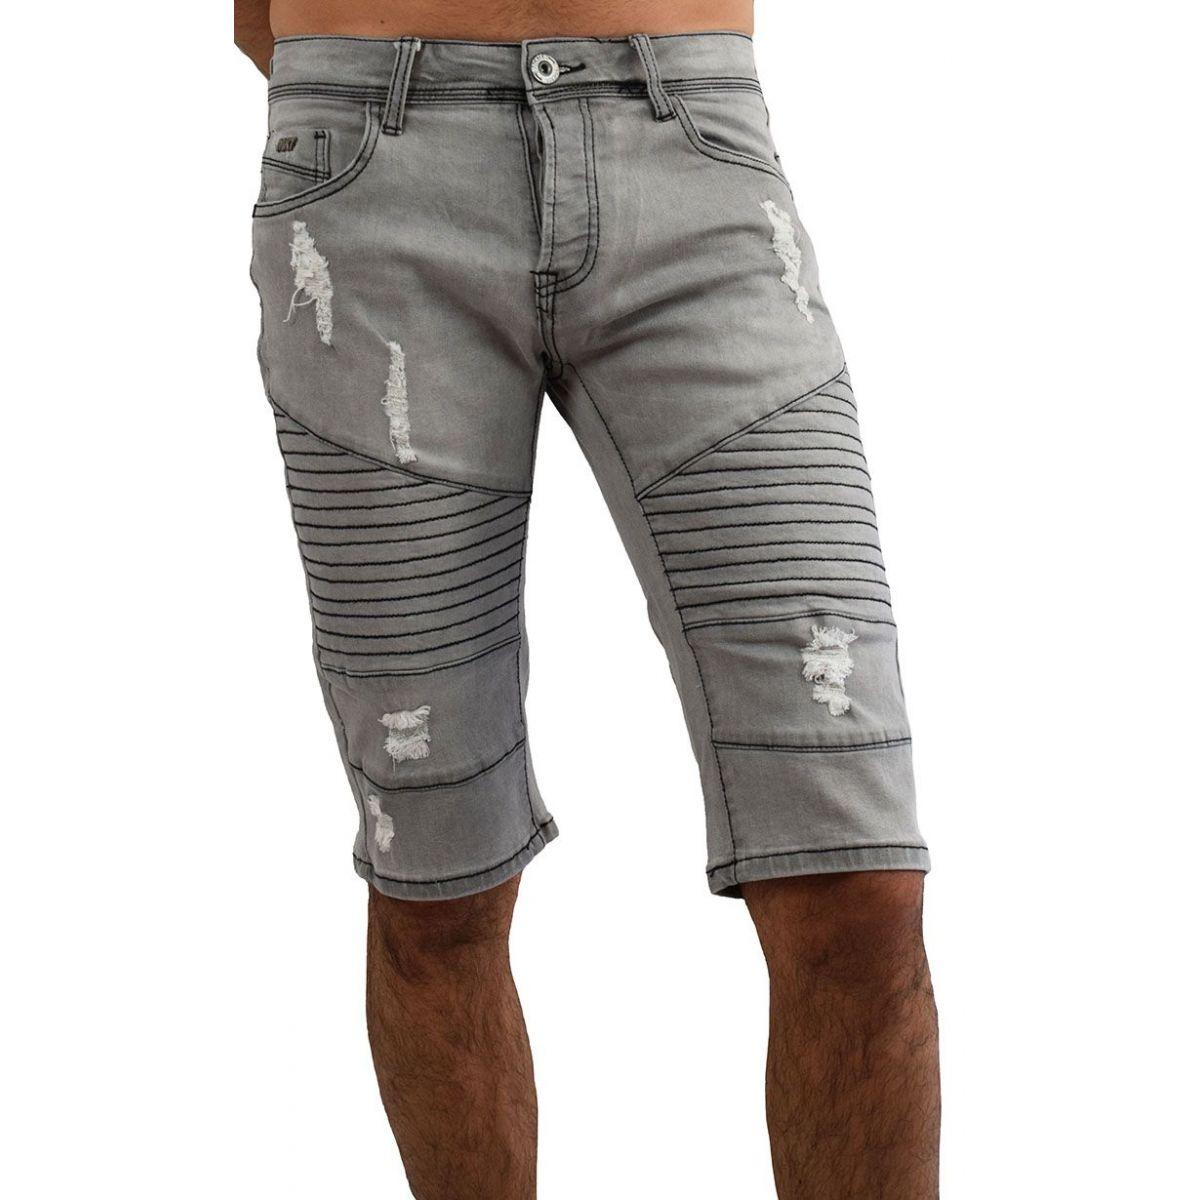 bermuda jean homme 35 short en jean gris fashion. Black Bedroom Furniture Sets. Home Design Ideas